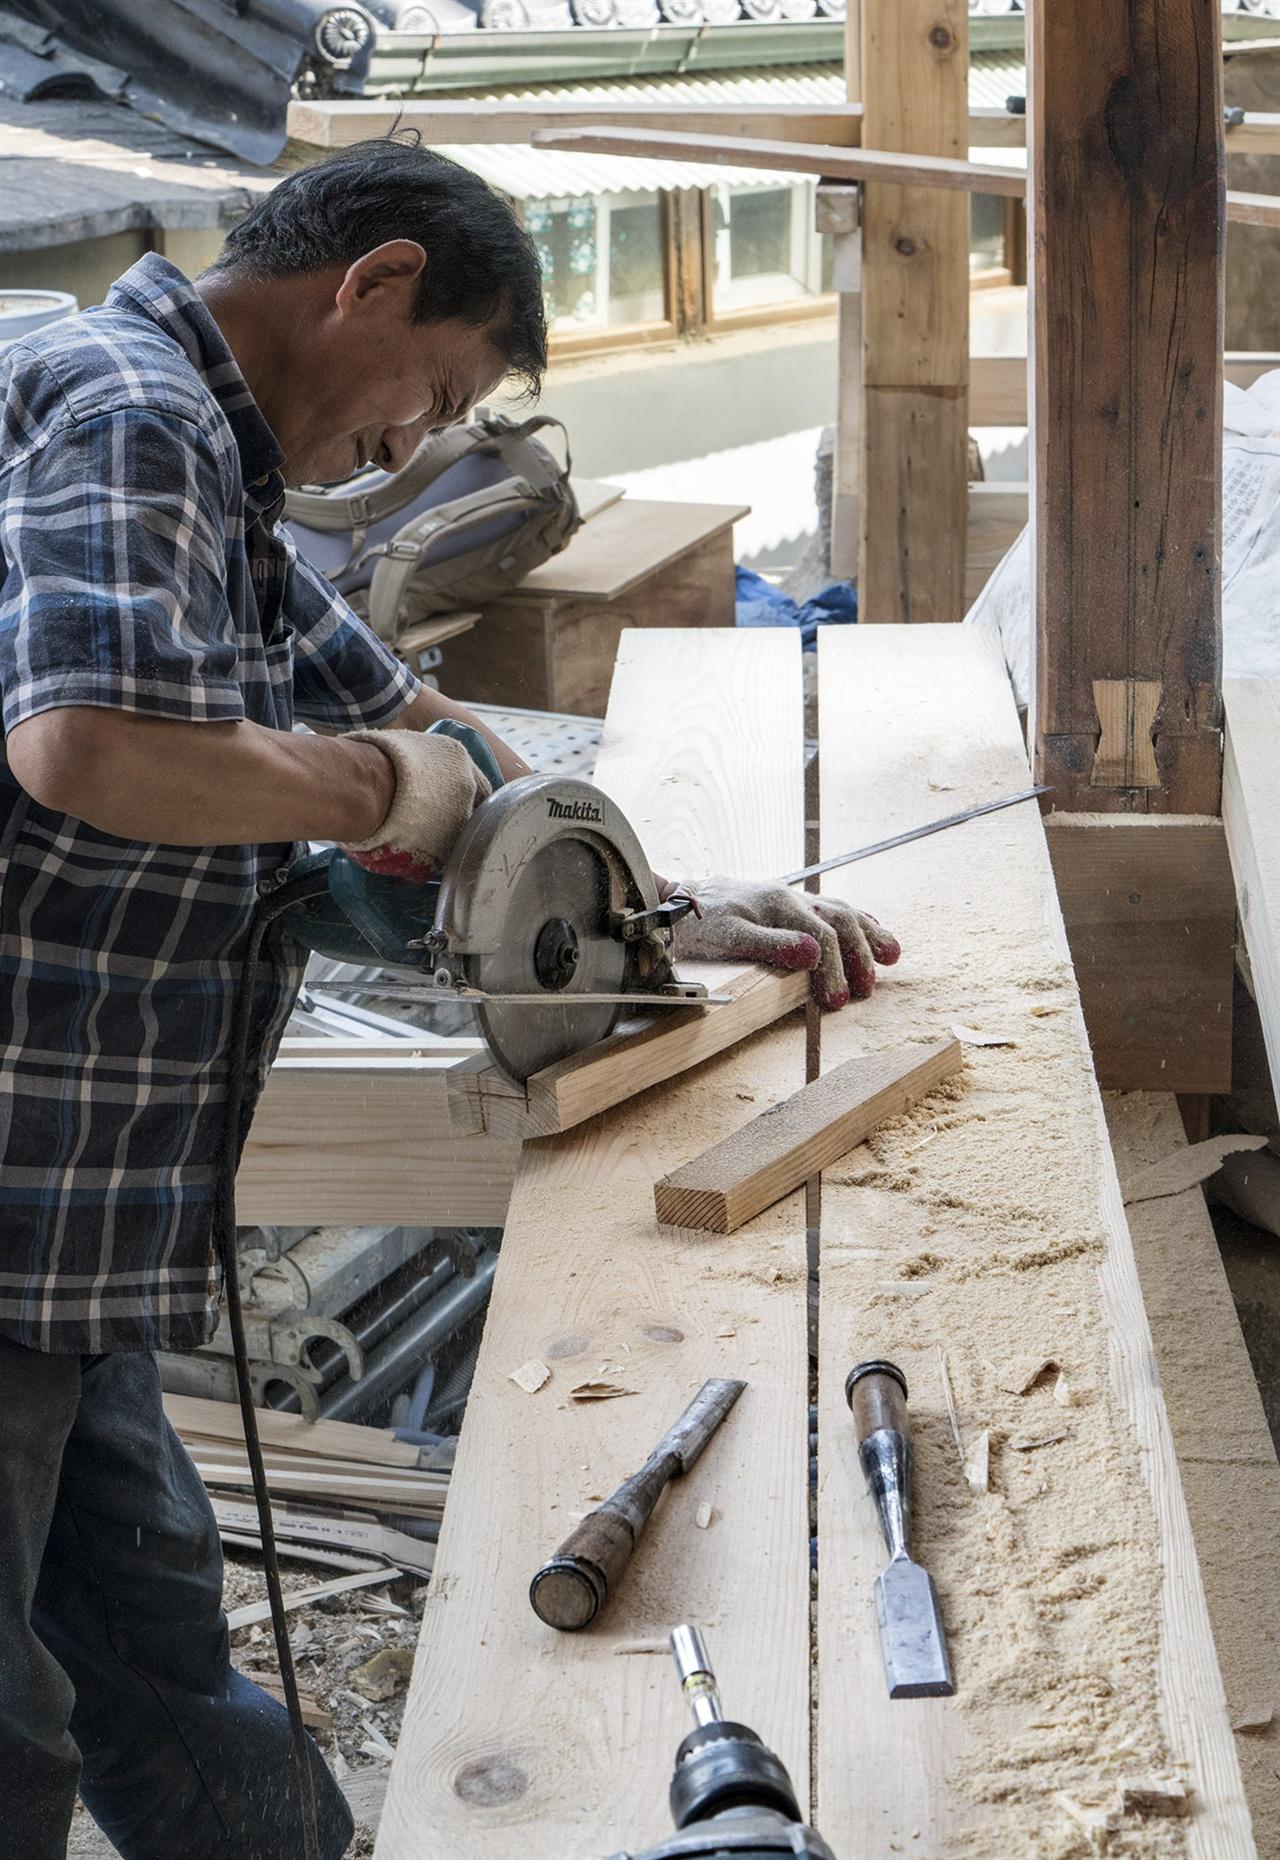 톱질하는 이 분은 박목수님이시다. 목수님들은 때로 전동기를 사용하기도 하지만, 대부분 여전히 손에 익은 연장을 주로 사용하신다. ⓒ 황우섭